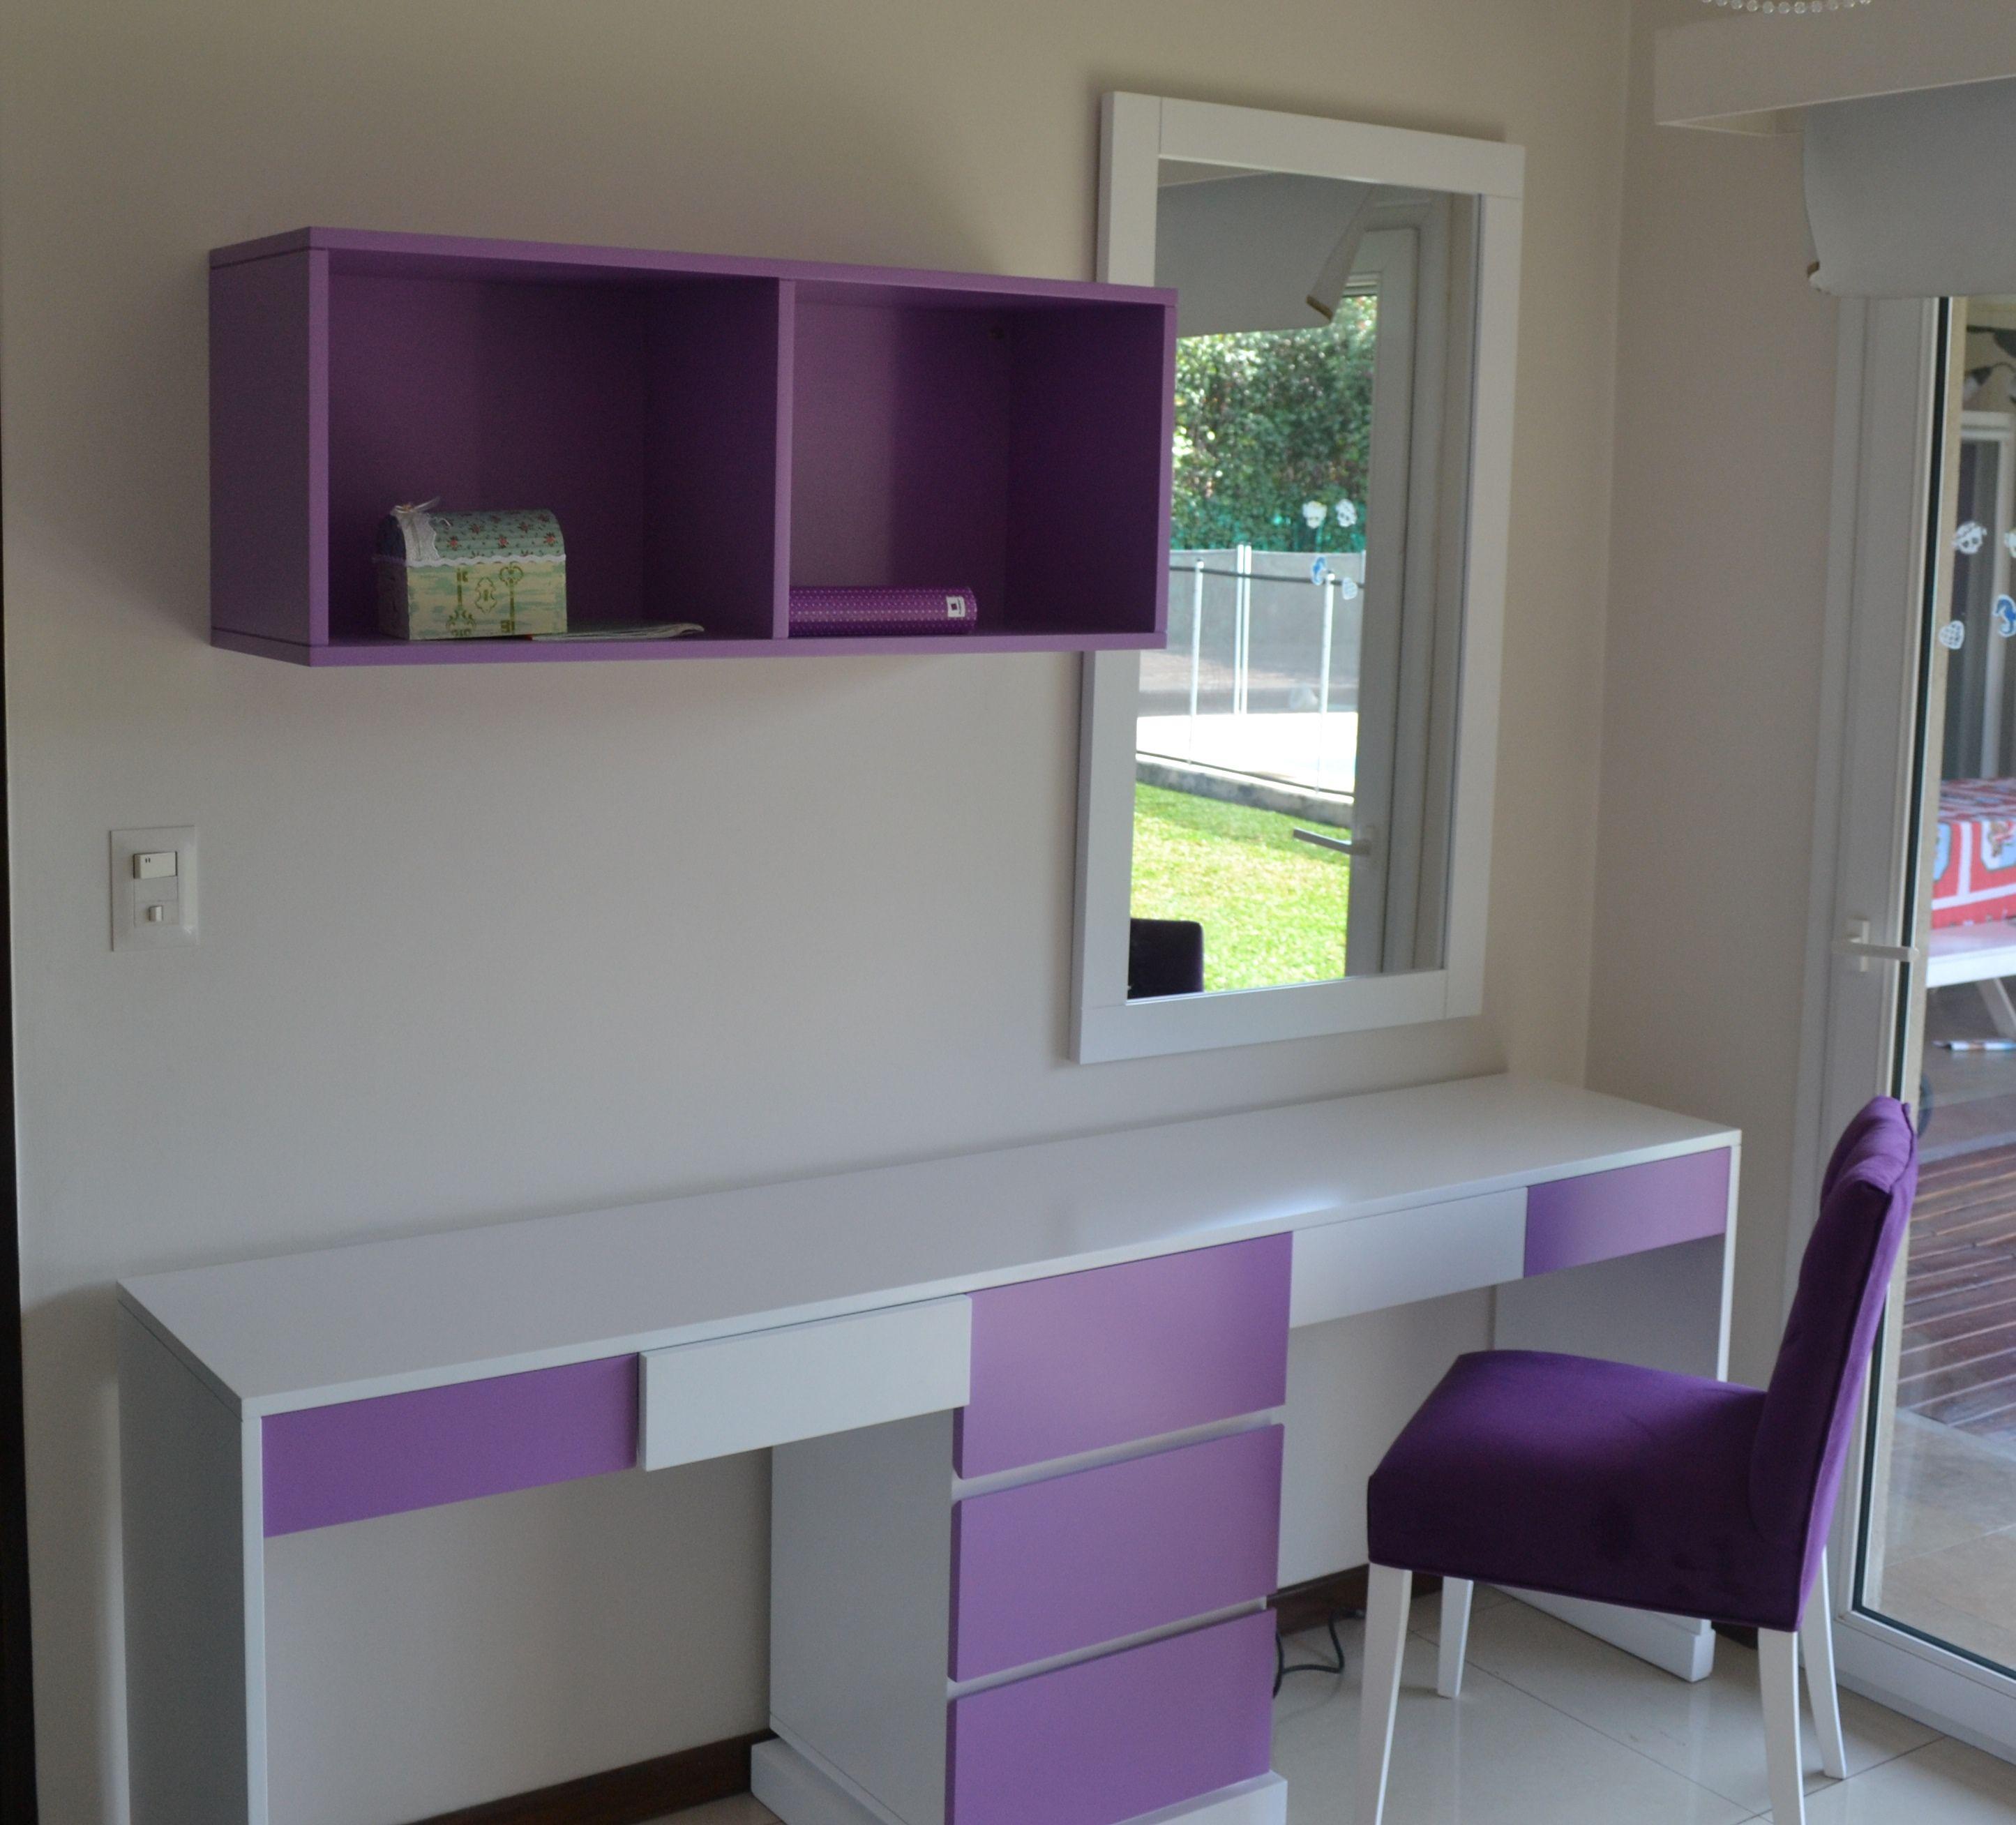 Escritorio con cajones en laca blanca semi mate y violeta, espejo ...